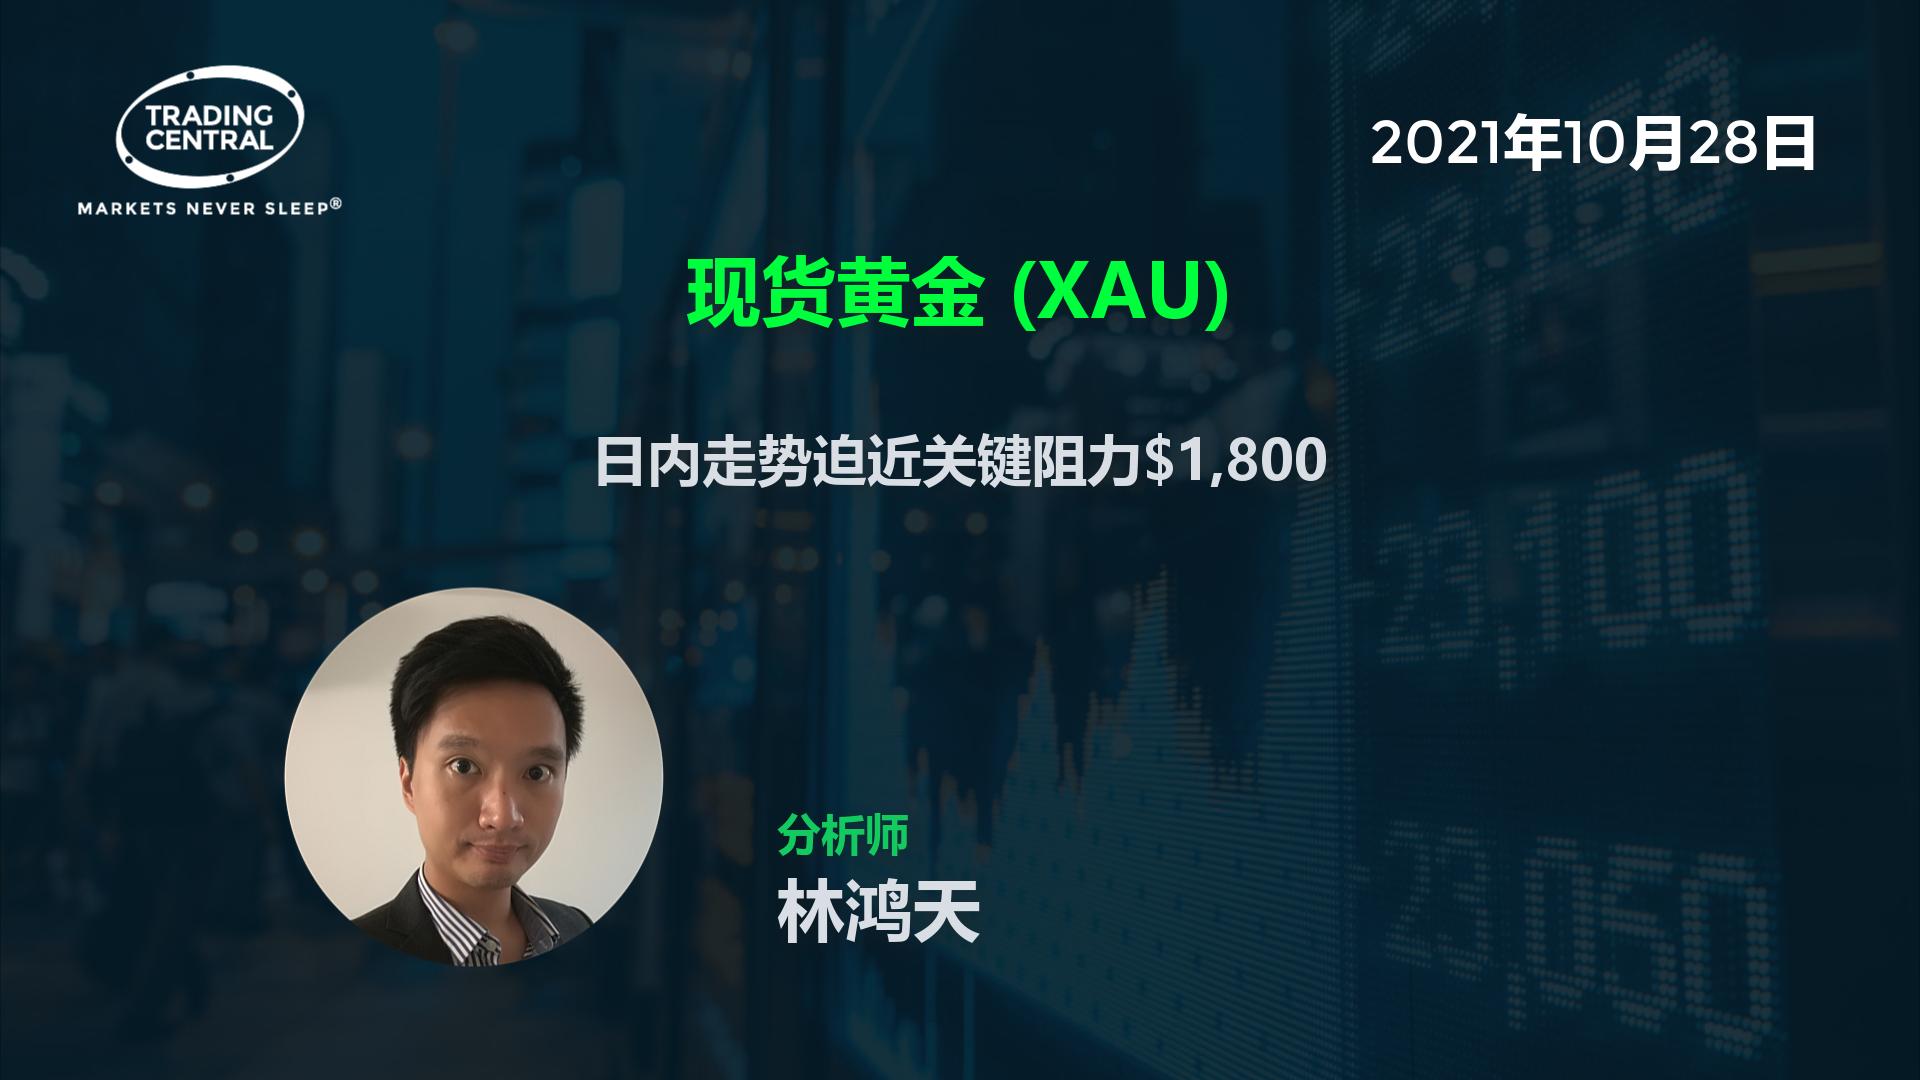 现货黄金 (XAU) - 日内走势迫近关键阻力$1,800